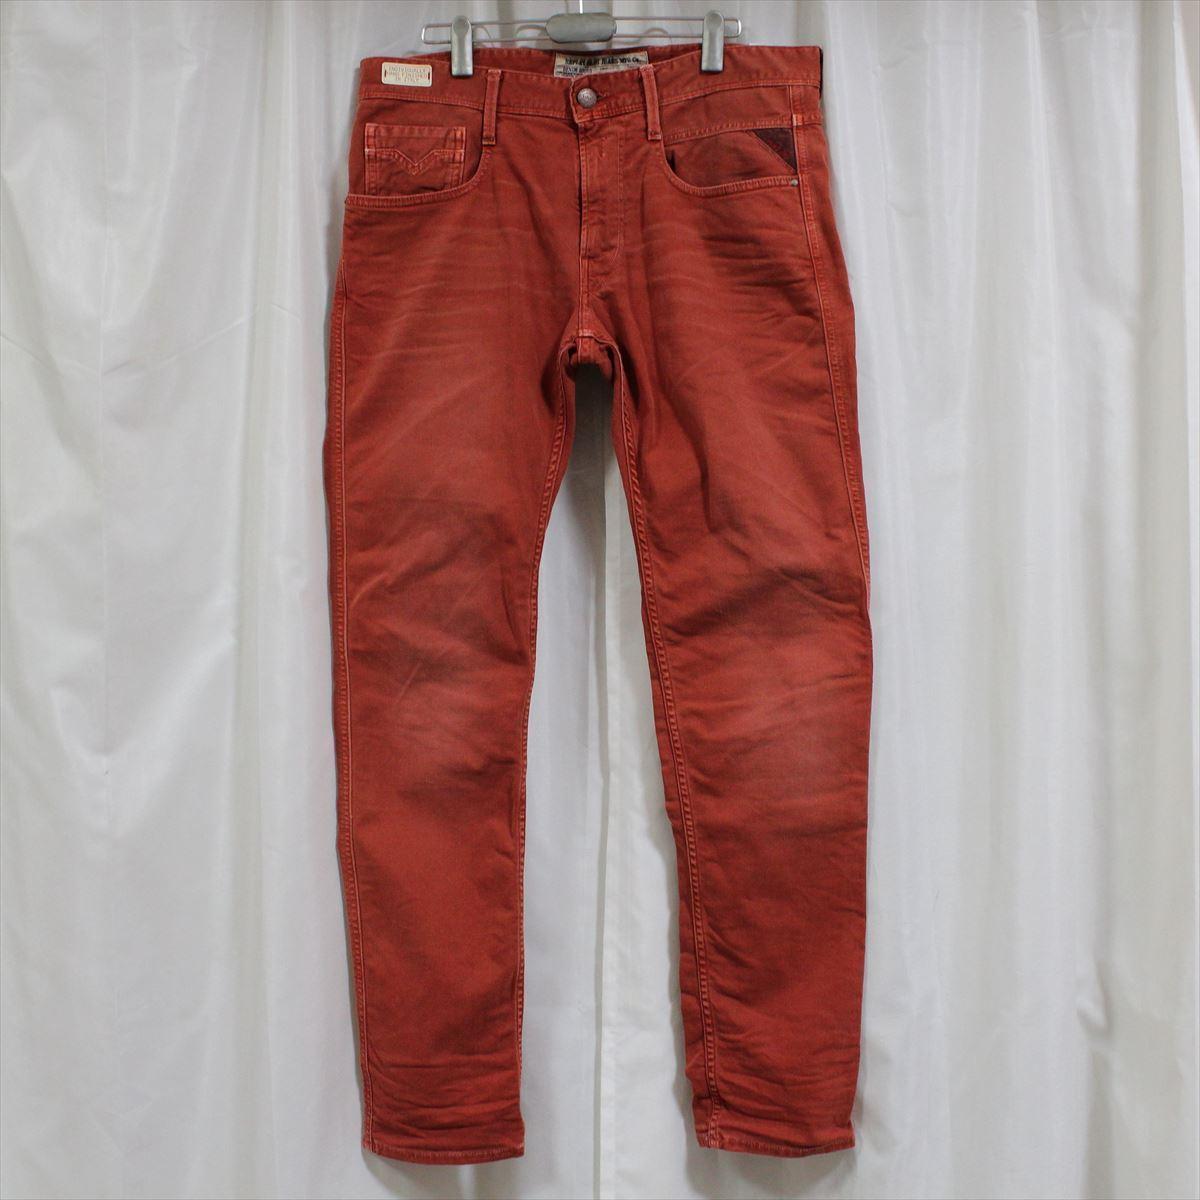 リプレイ REPLAY メンズカラーパンツ ジーンズ デニムパンツ SLIM レンガ色 29インチ 新品 REPLAY BLUE JEANS anbass slim jeans_画像1